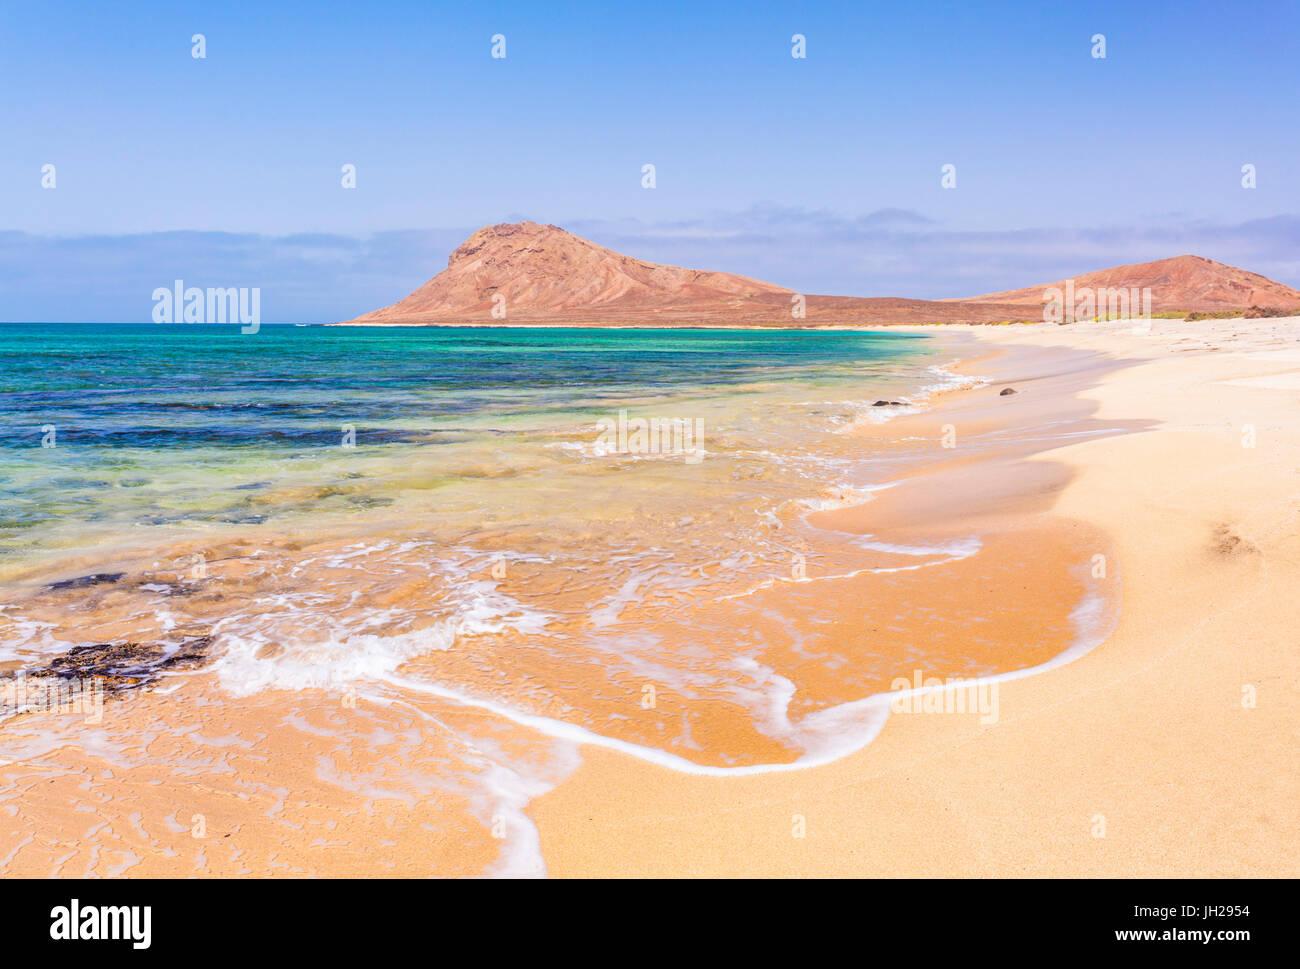 Leeren Sandstrand und die Bucht in der Nähe von Monte Leão Berg (Löwen schlafen), Insel Sal, Kap Stockbild